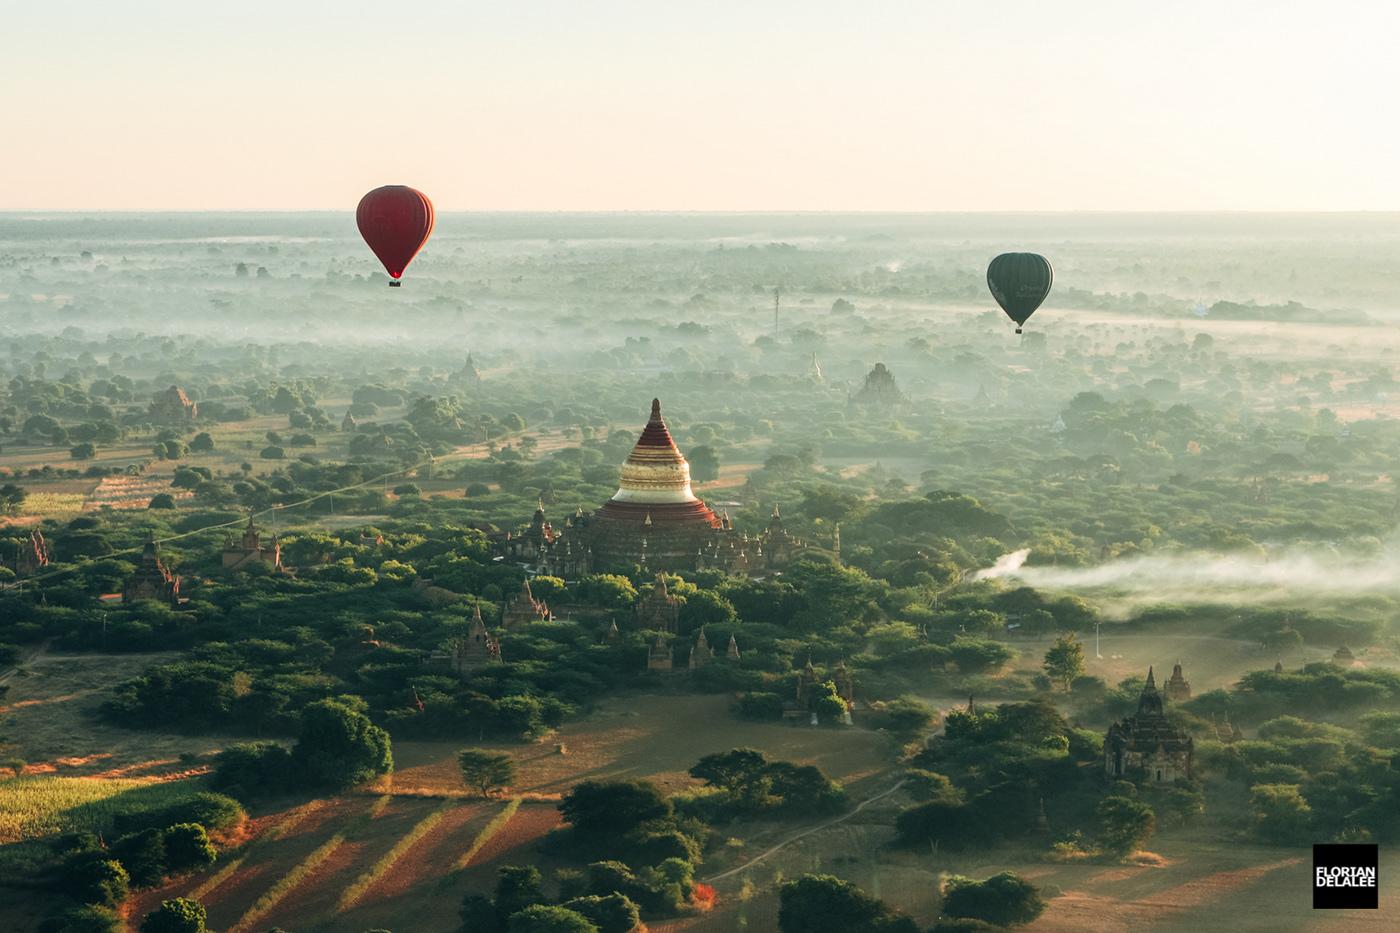 Image may contain: sky, hot air balloon and balloon